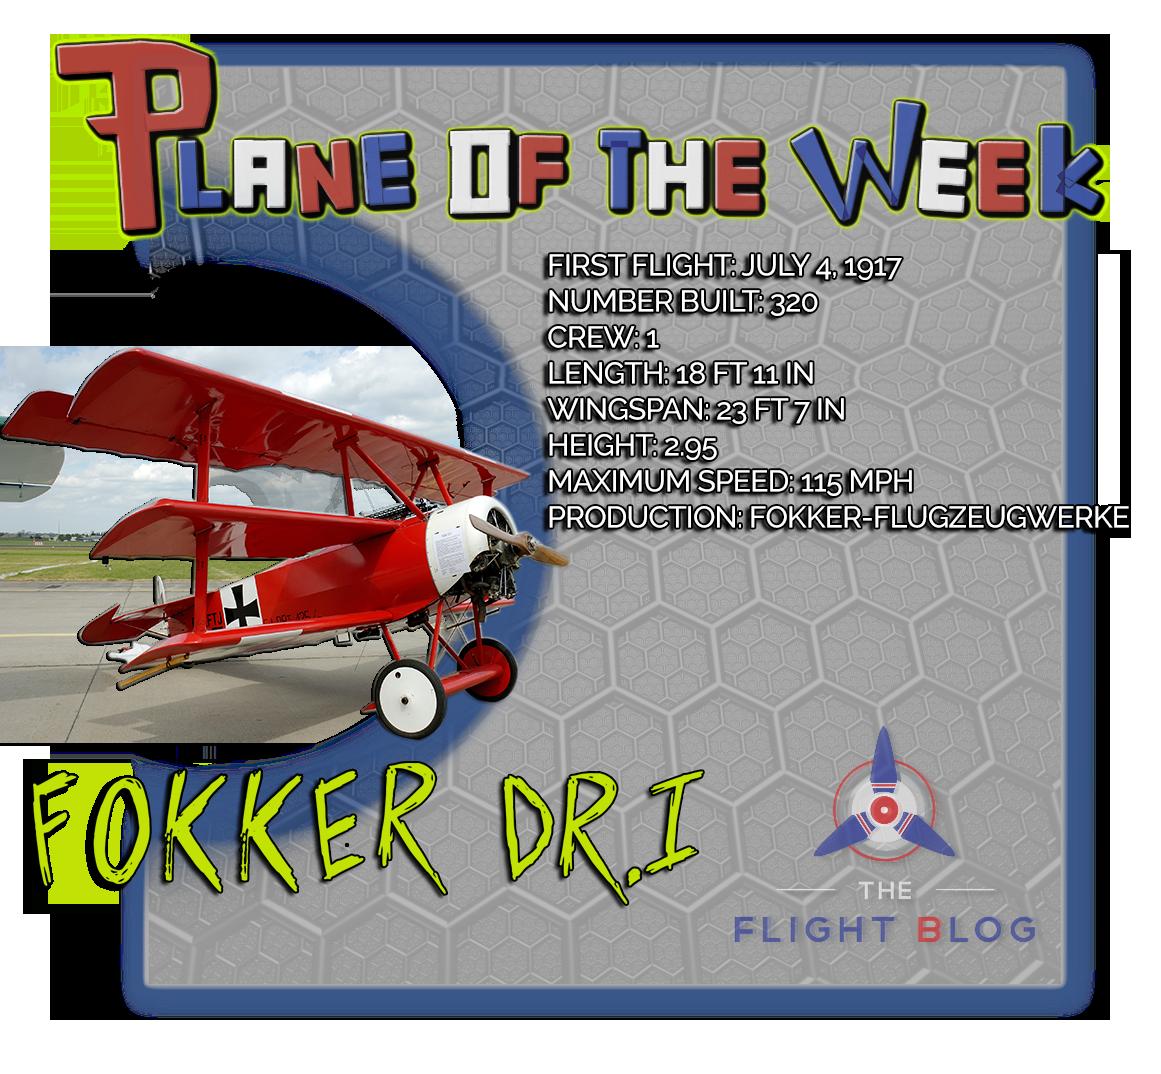 Fokker, red baron, red baron plane, red barron plane specs, Fokker DR.I